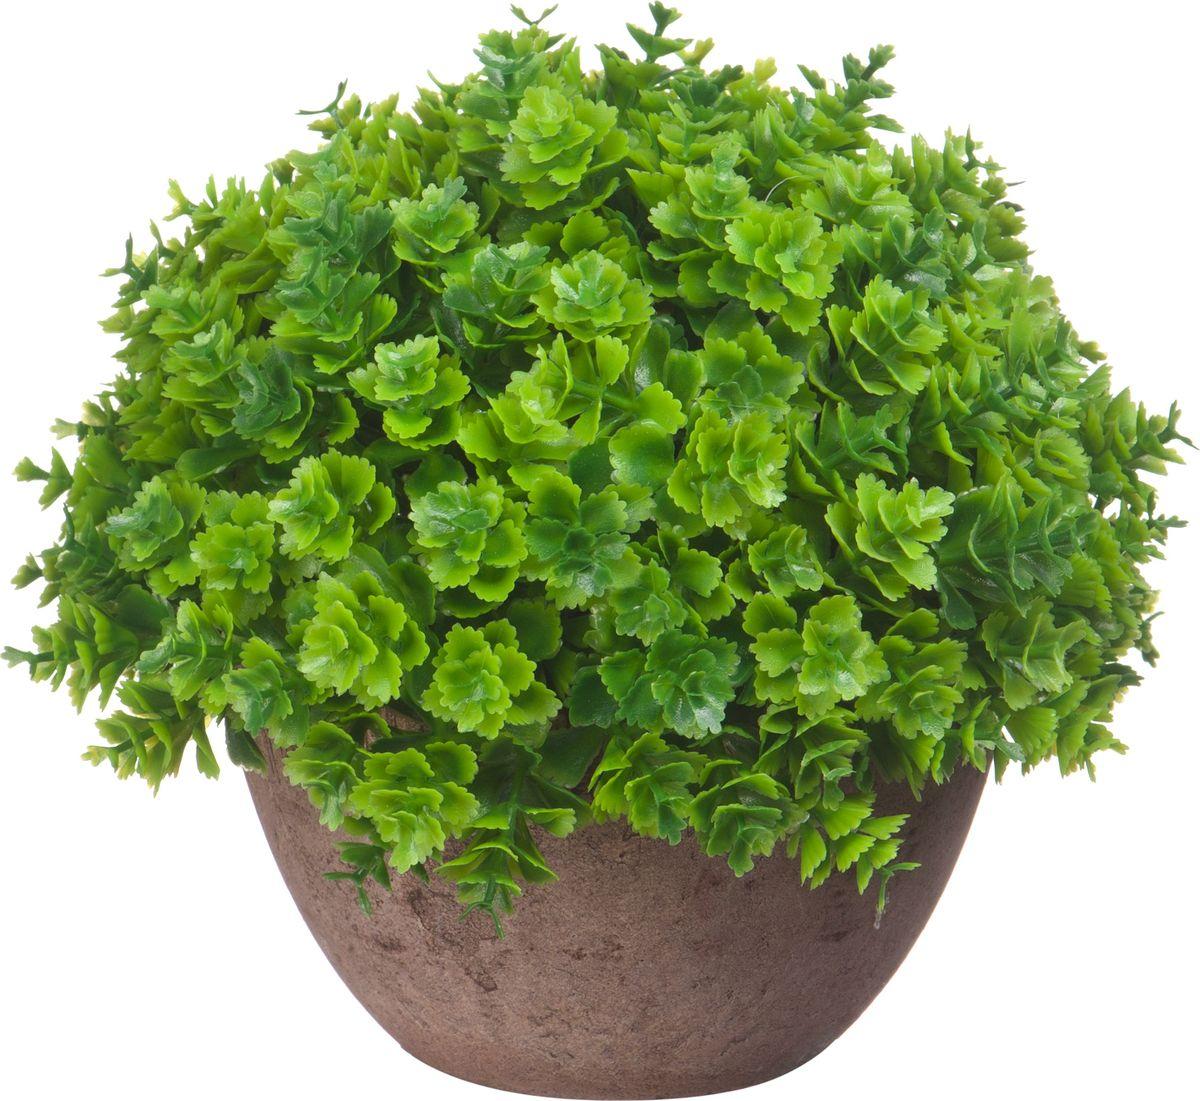 Композиция цветочная Engard Азалия, в кашпо, мелкие листья, цвет: зеленый, 15 х 13,5 смB18зел.мелколистИскусственные цветы Engard - это популярное дизайнерское решение для создания природного колорита и гармонии в пространстве. Декоративная азалия высотой 15 см выглядит аккуратно и довольно реалистично. Керамический горшок цвета эспрессо прекрасно впишется в любой интерьер.